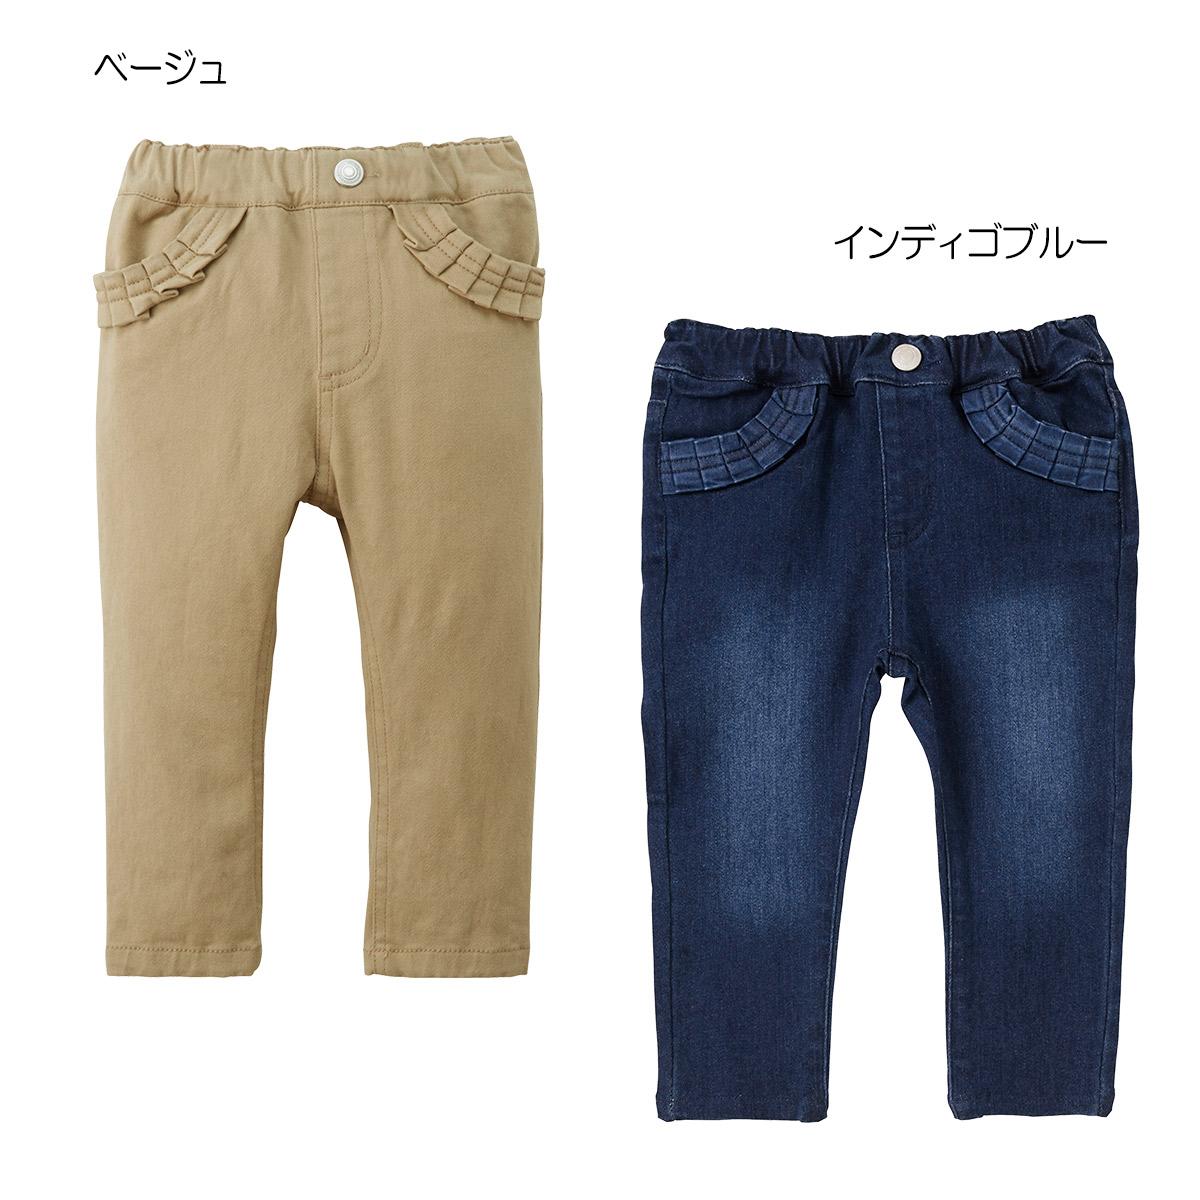 新着商品 ホットビスケッツ パンツ ¥3,080